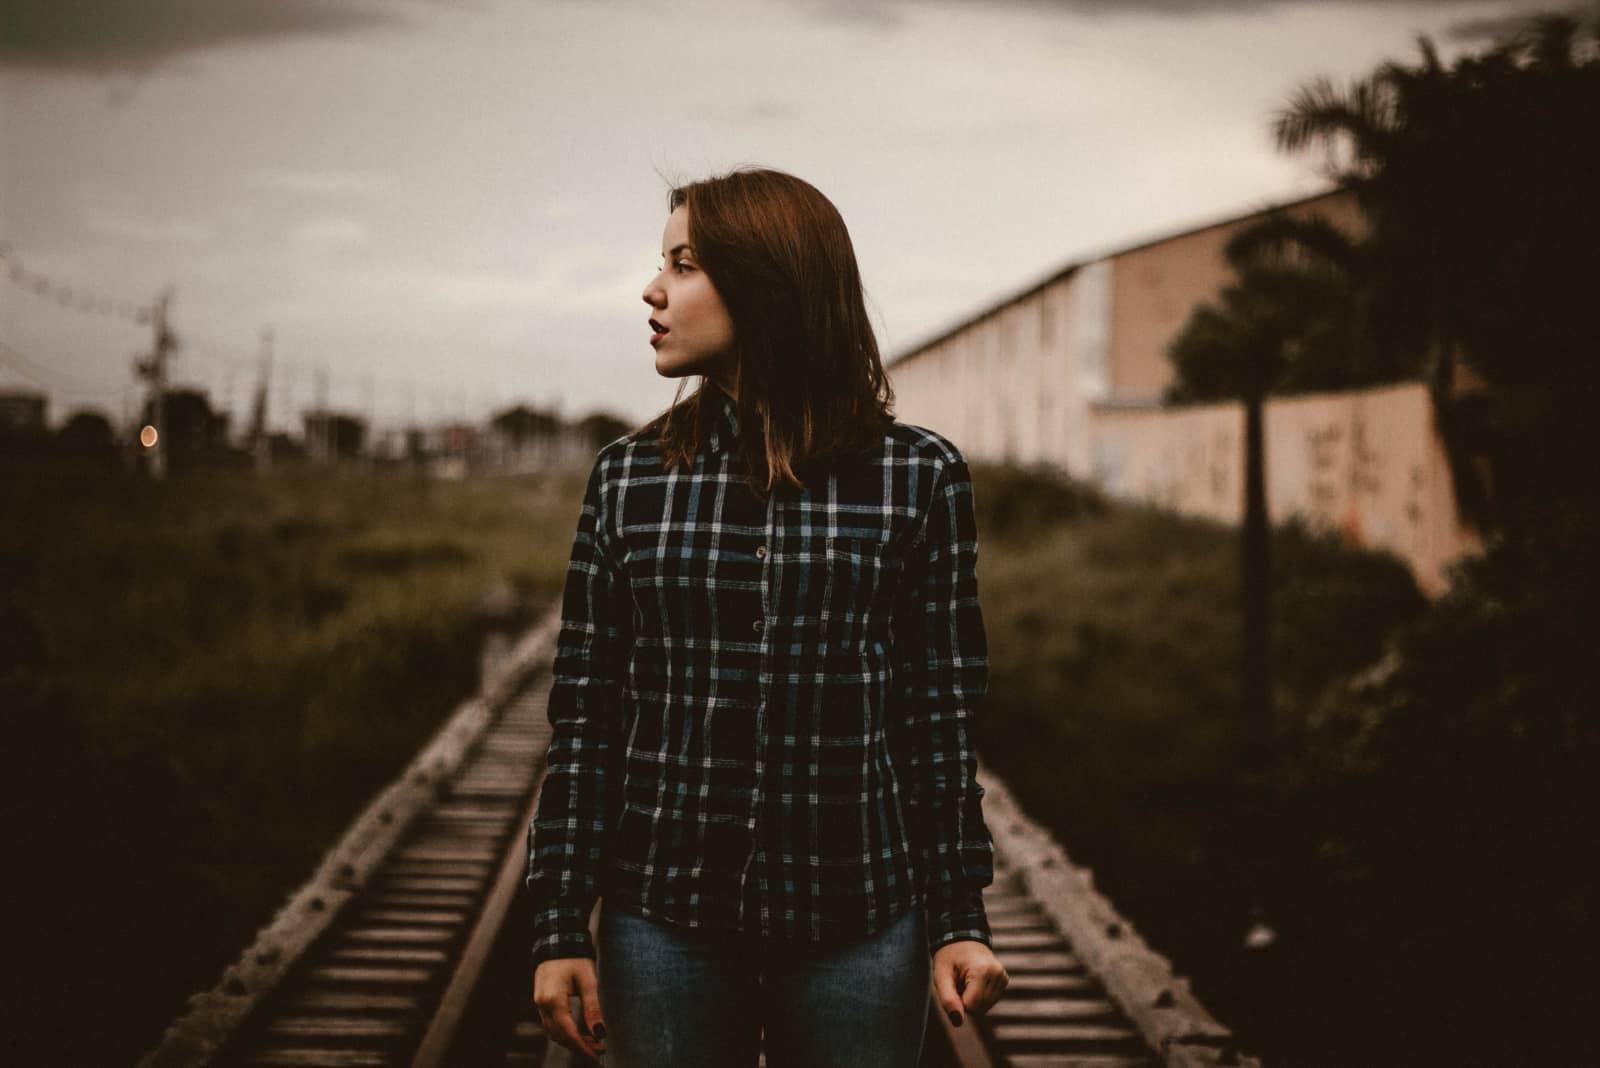 Femme en chemise à carreaux vert debout sur le rail du train